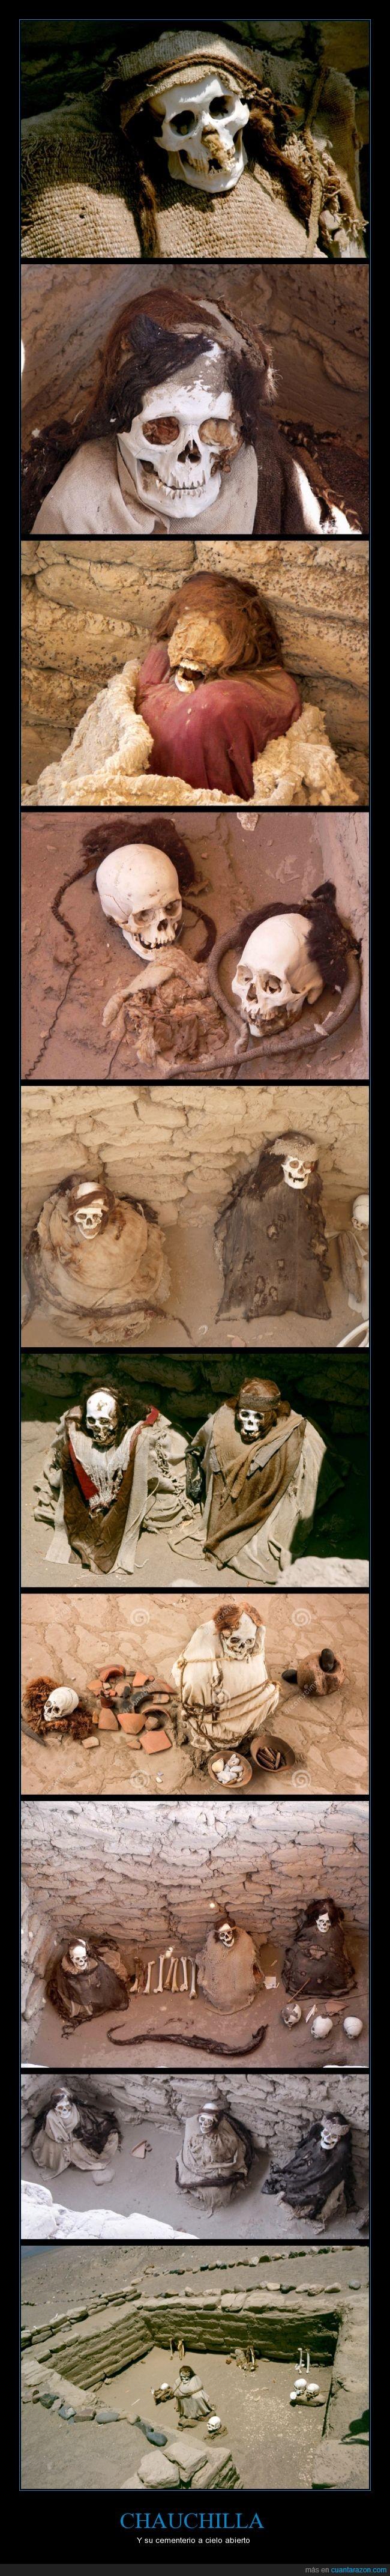 Al aire libre,Cementerio,Chauchilla,Esqueletos,Huesos,Momia,Momias,Muertos,Nazca,Perú,Tumbas